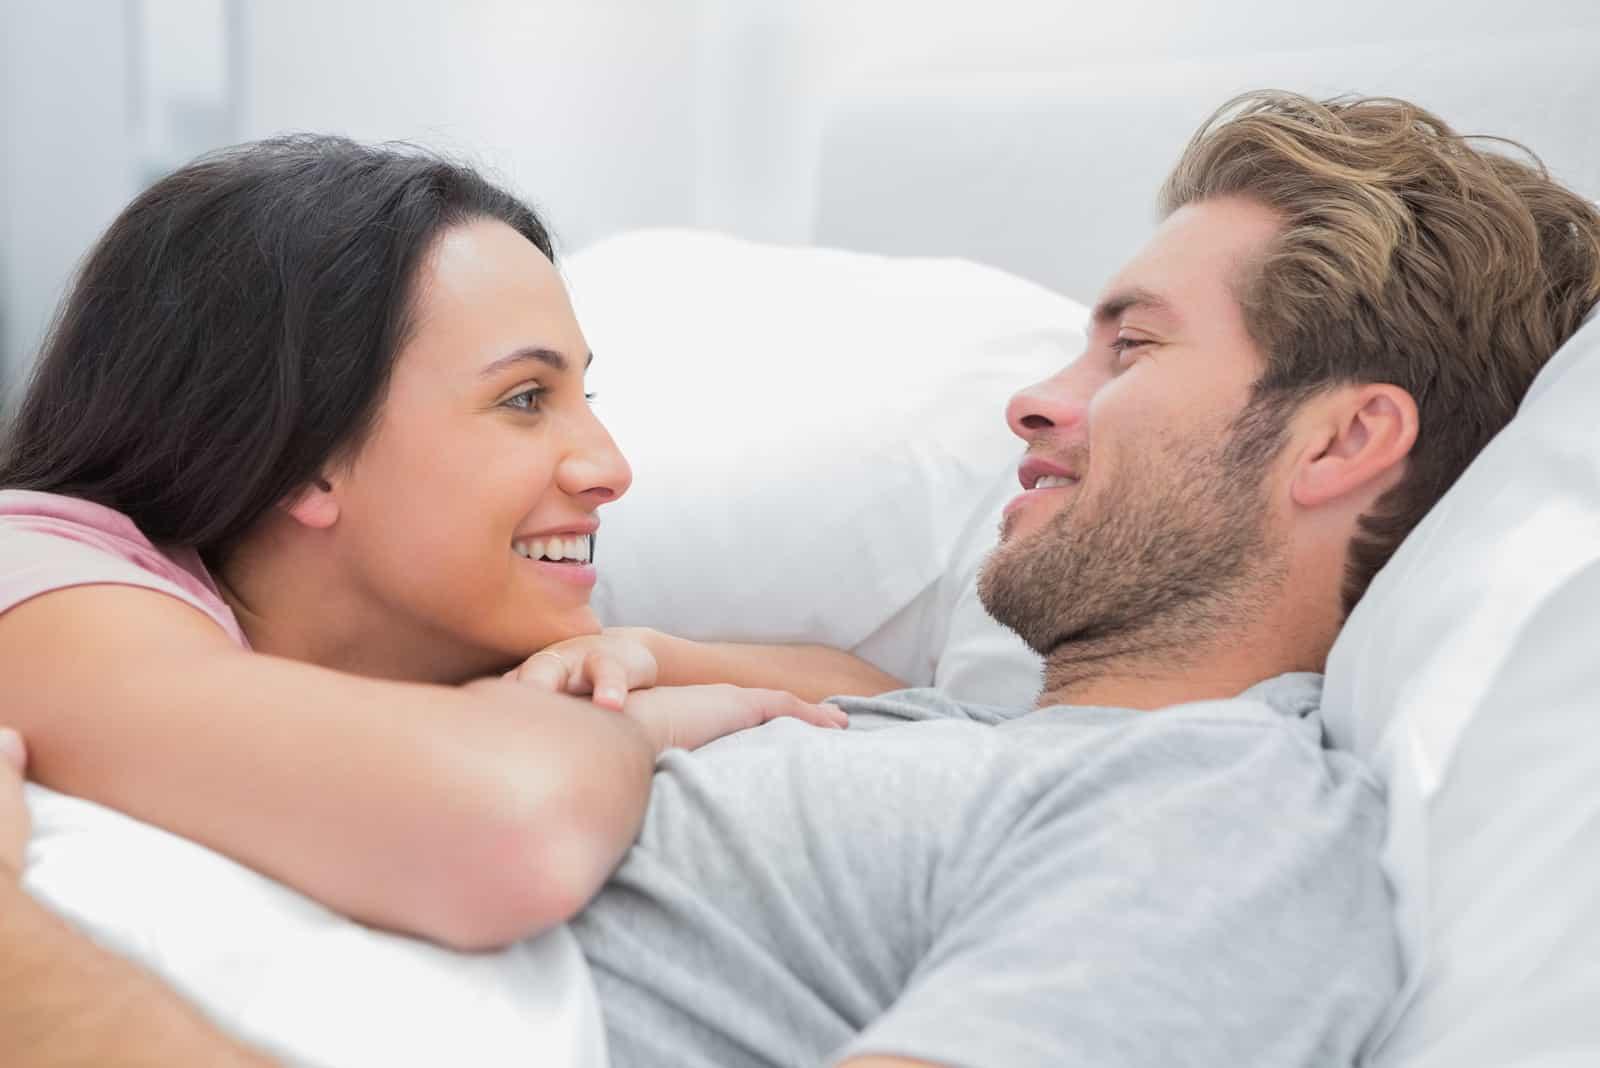 la femme est allongée sur la poitrine de l'homme et ils parlent